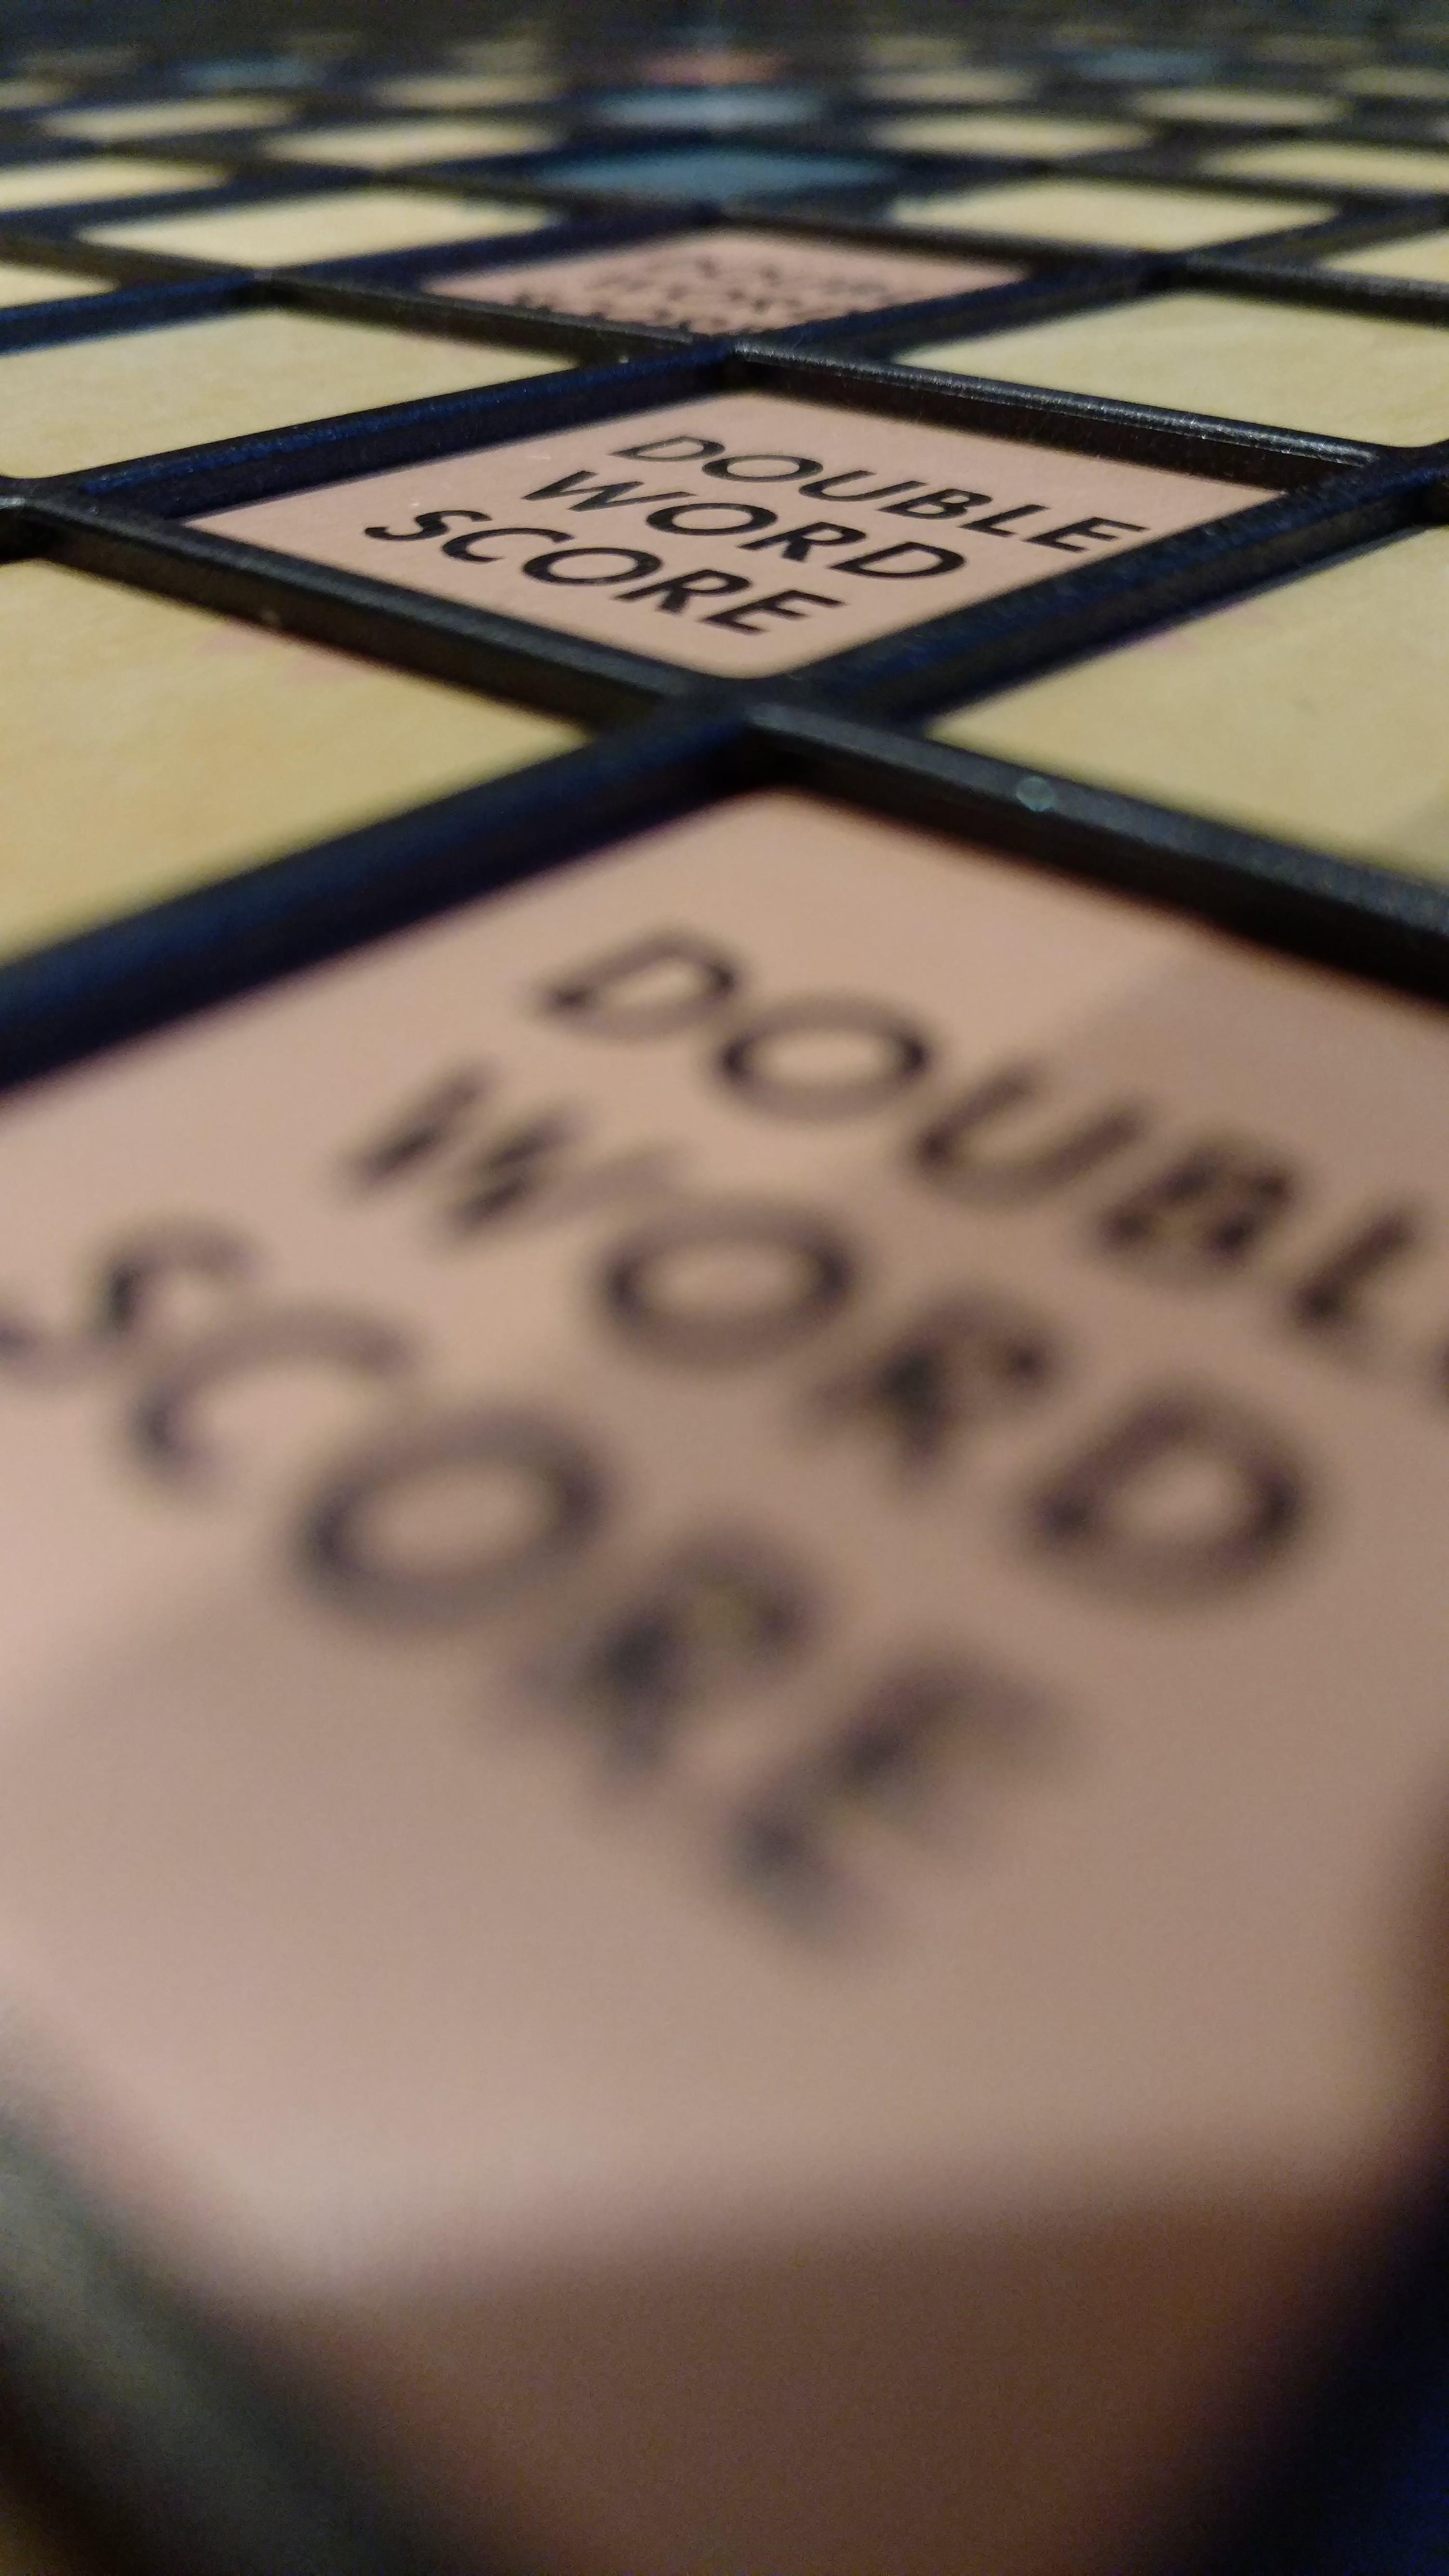 Fotos de stock gratuitas de juego, juego de mesa, Scrabble